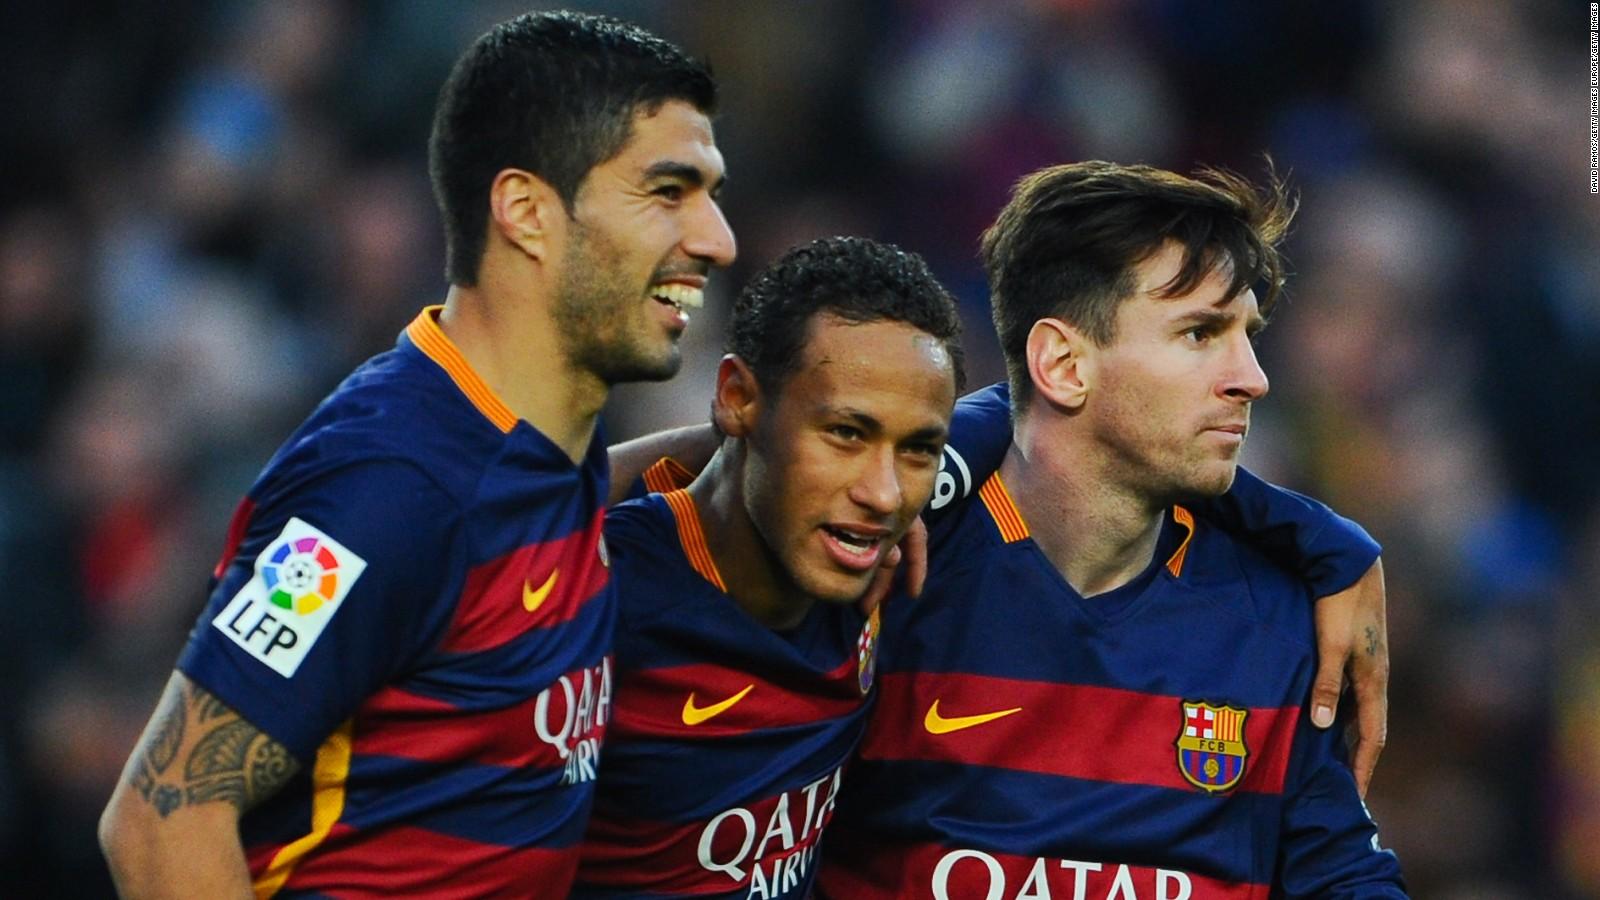 Lionel Messi 9 Vs Cristiano Ronaldo 17 2015 16 Goal Race